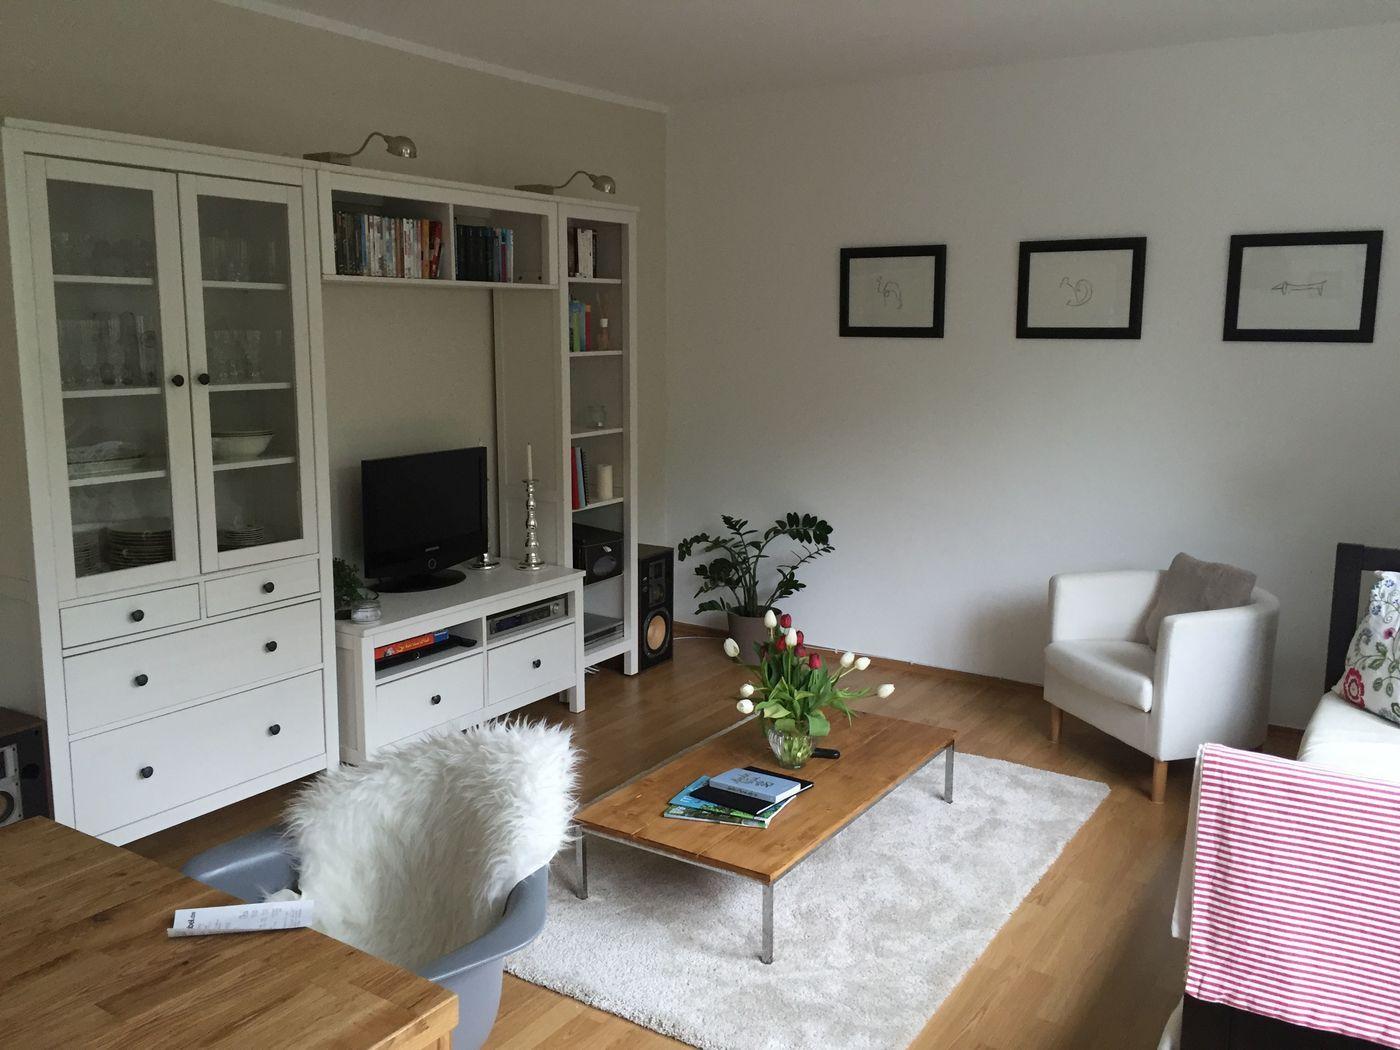 Fein Sucht Design Wohnzimmer Fotos - Images for inspirierende Ideen ...